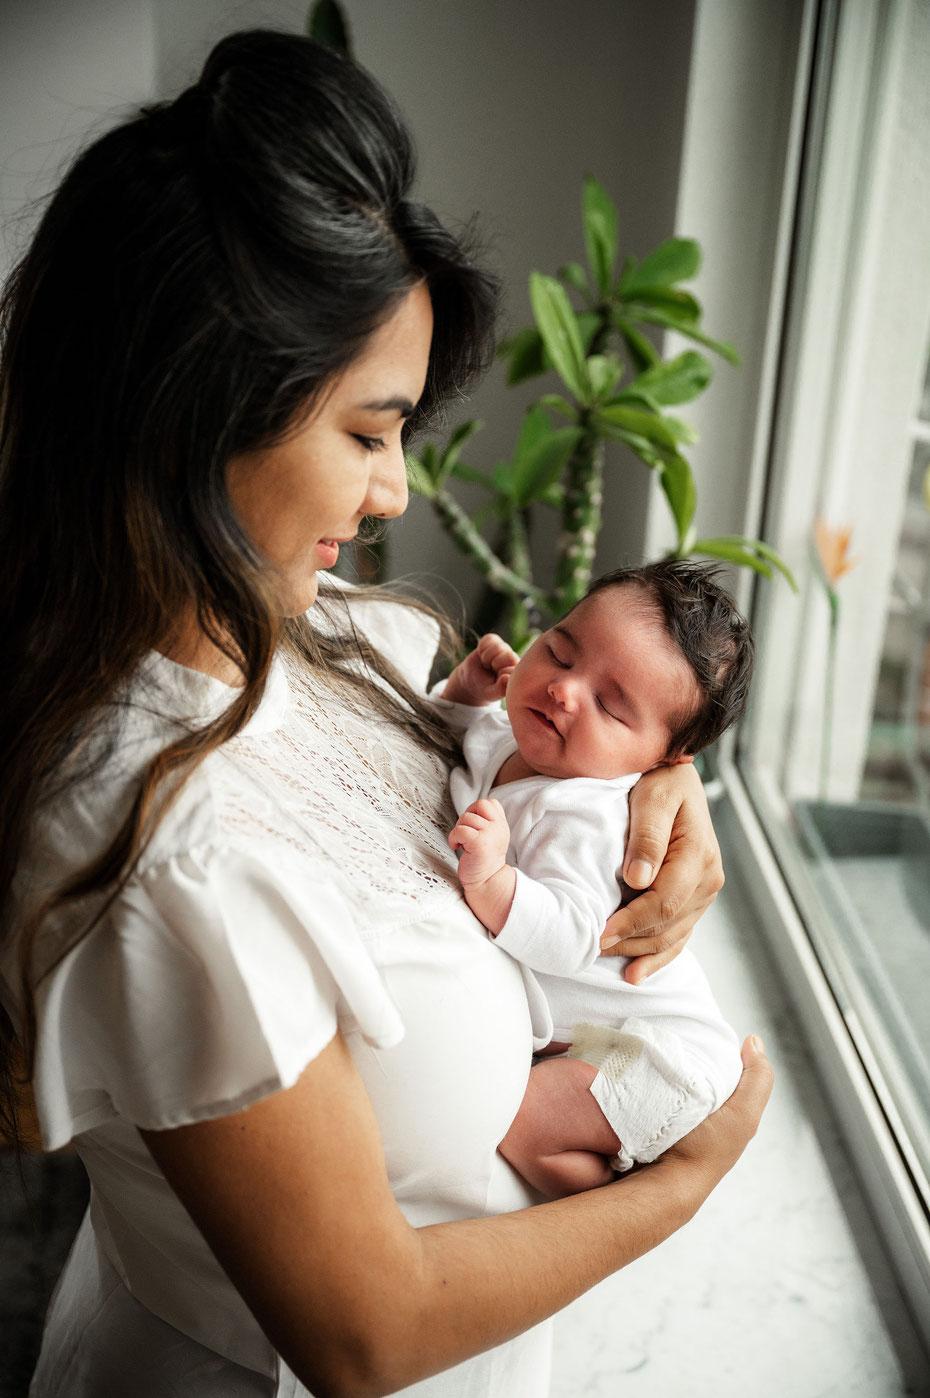 Babyfotografie, der beste Fotograf, Hessen, Neugeborenes Bilder, Fotograf, Rüsselsheim, Mainz, Wiesbaden, Bauschheim, Trebur, Astheim, Zu Hause Fotos zu machen,